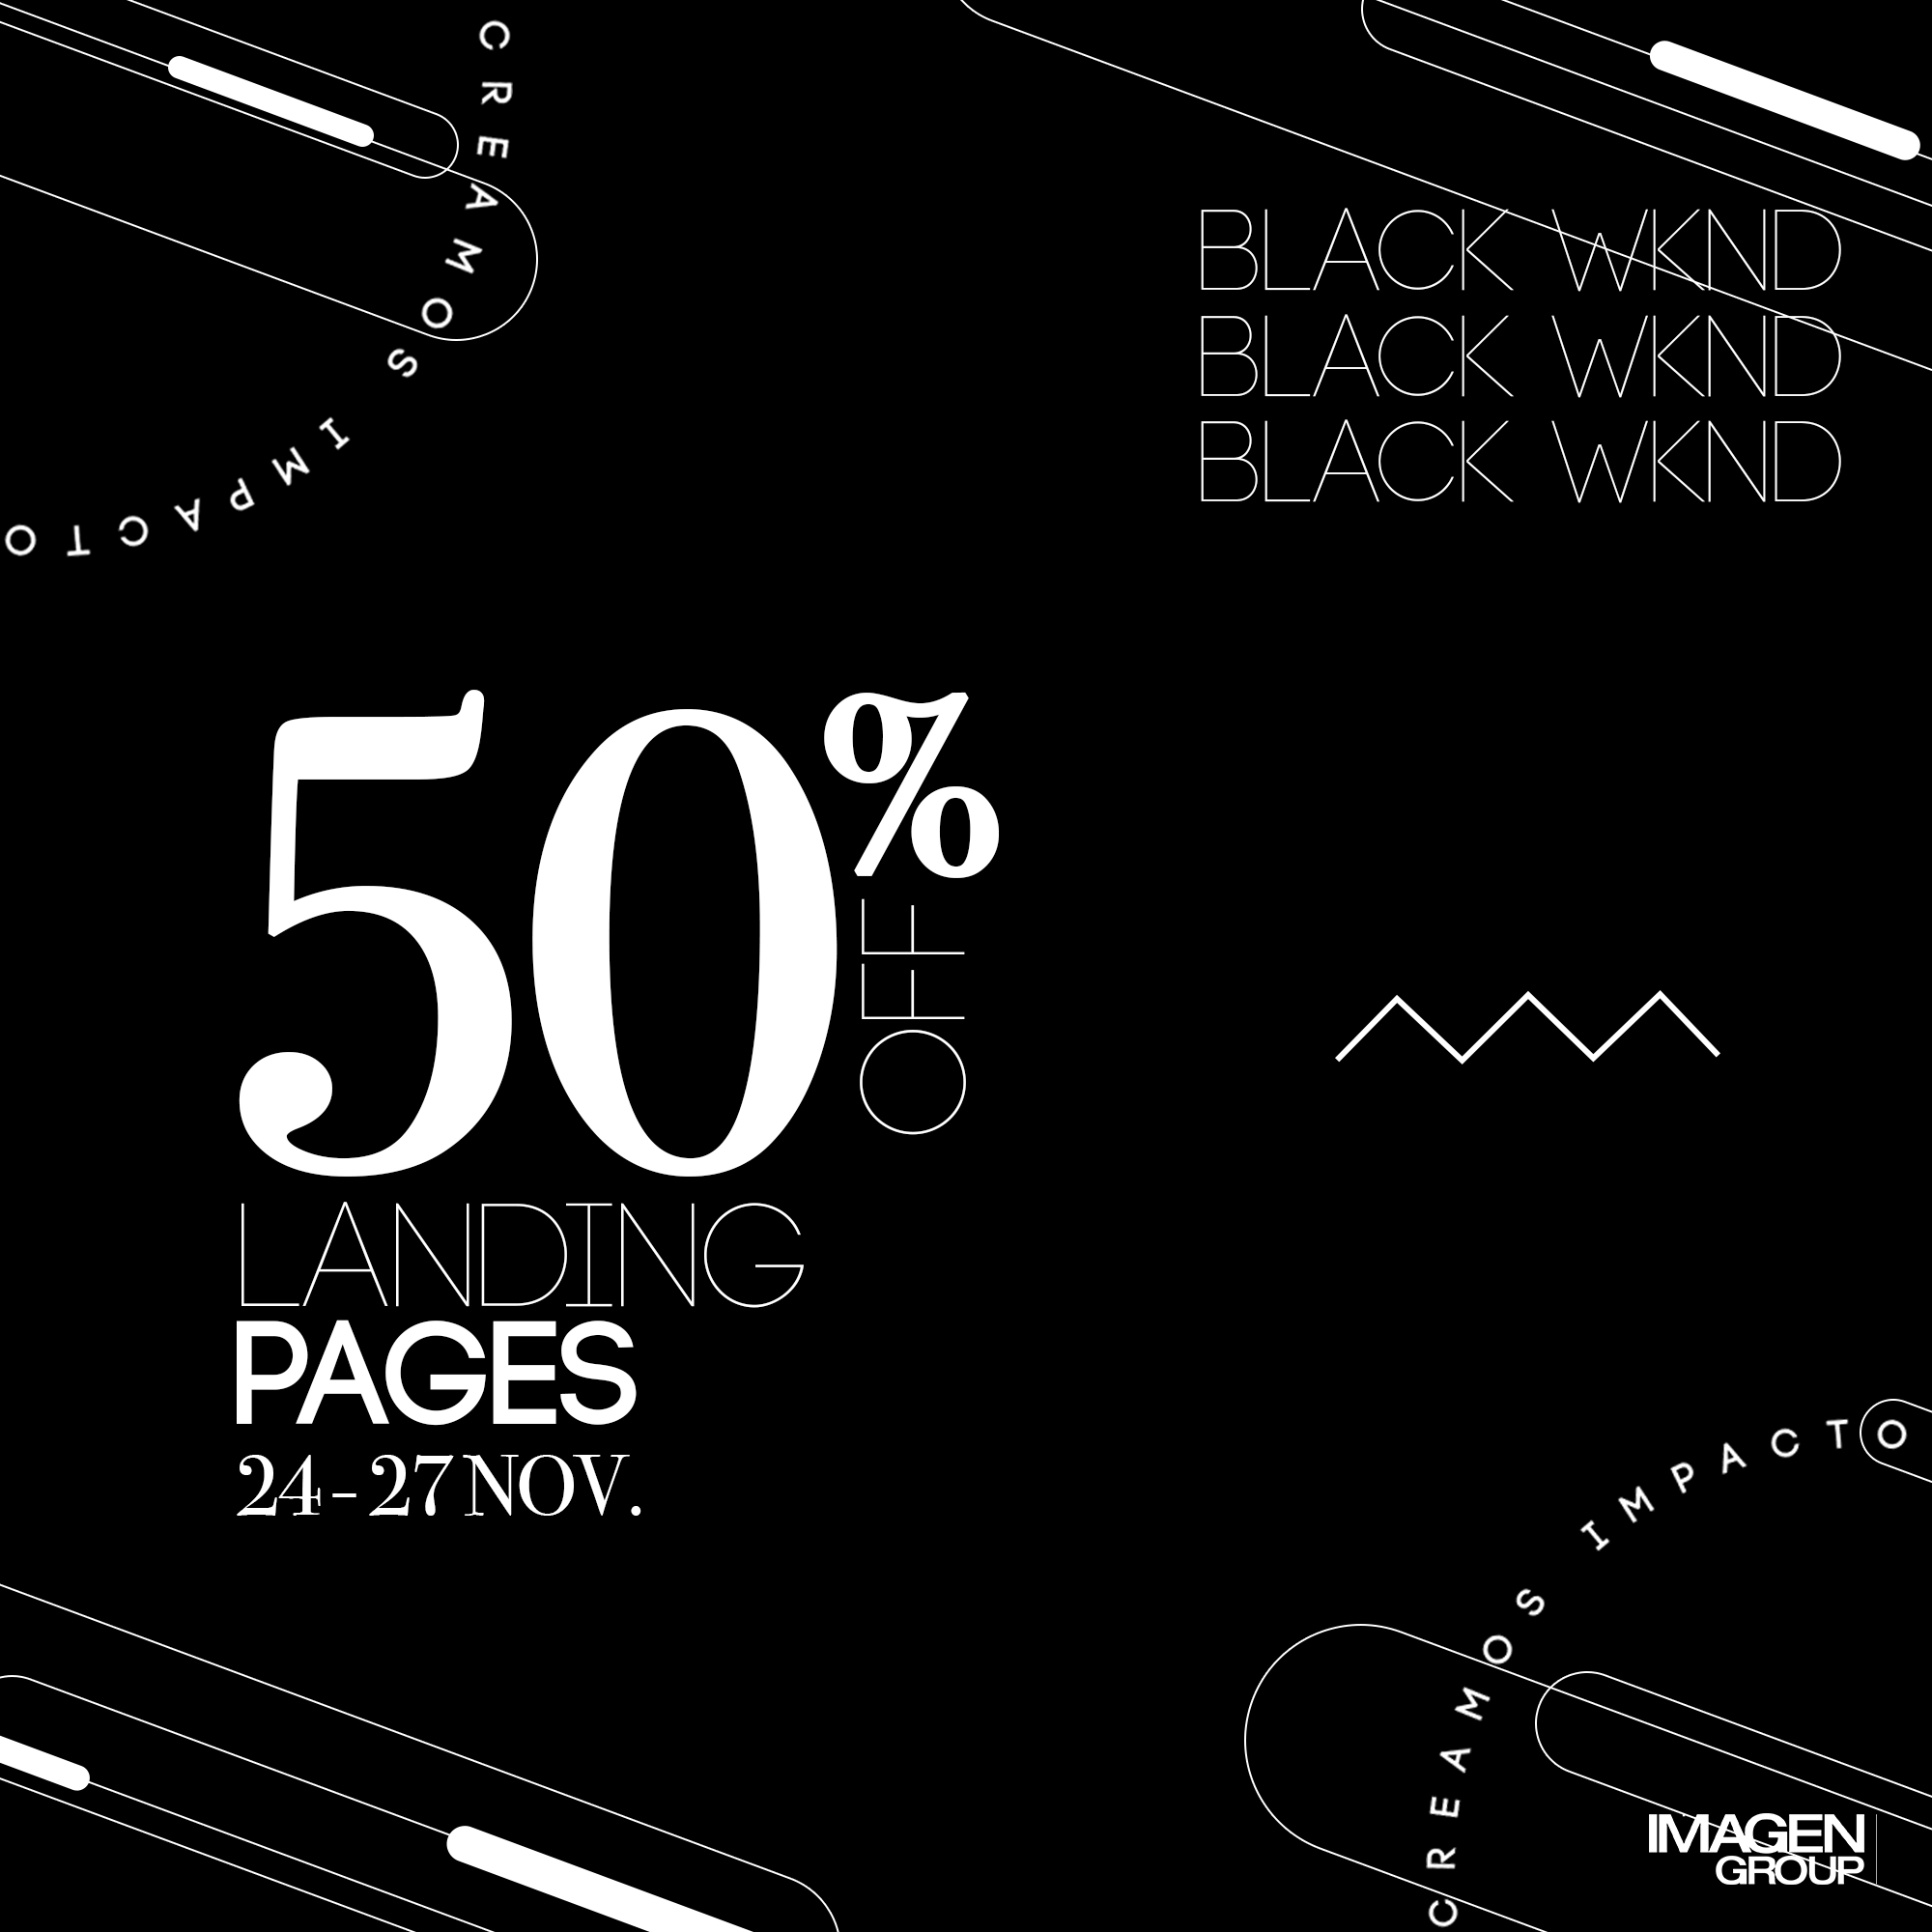 Imagen-Nov-Black